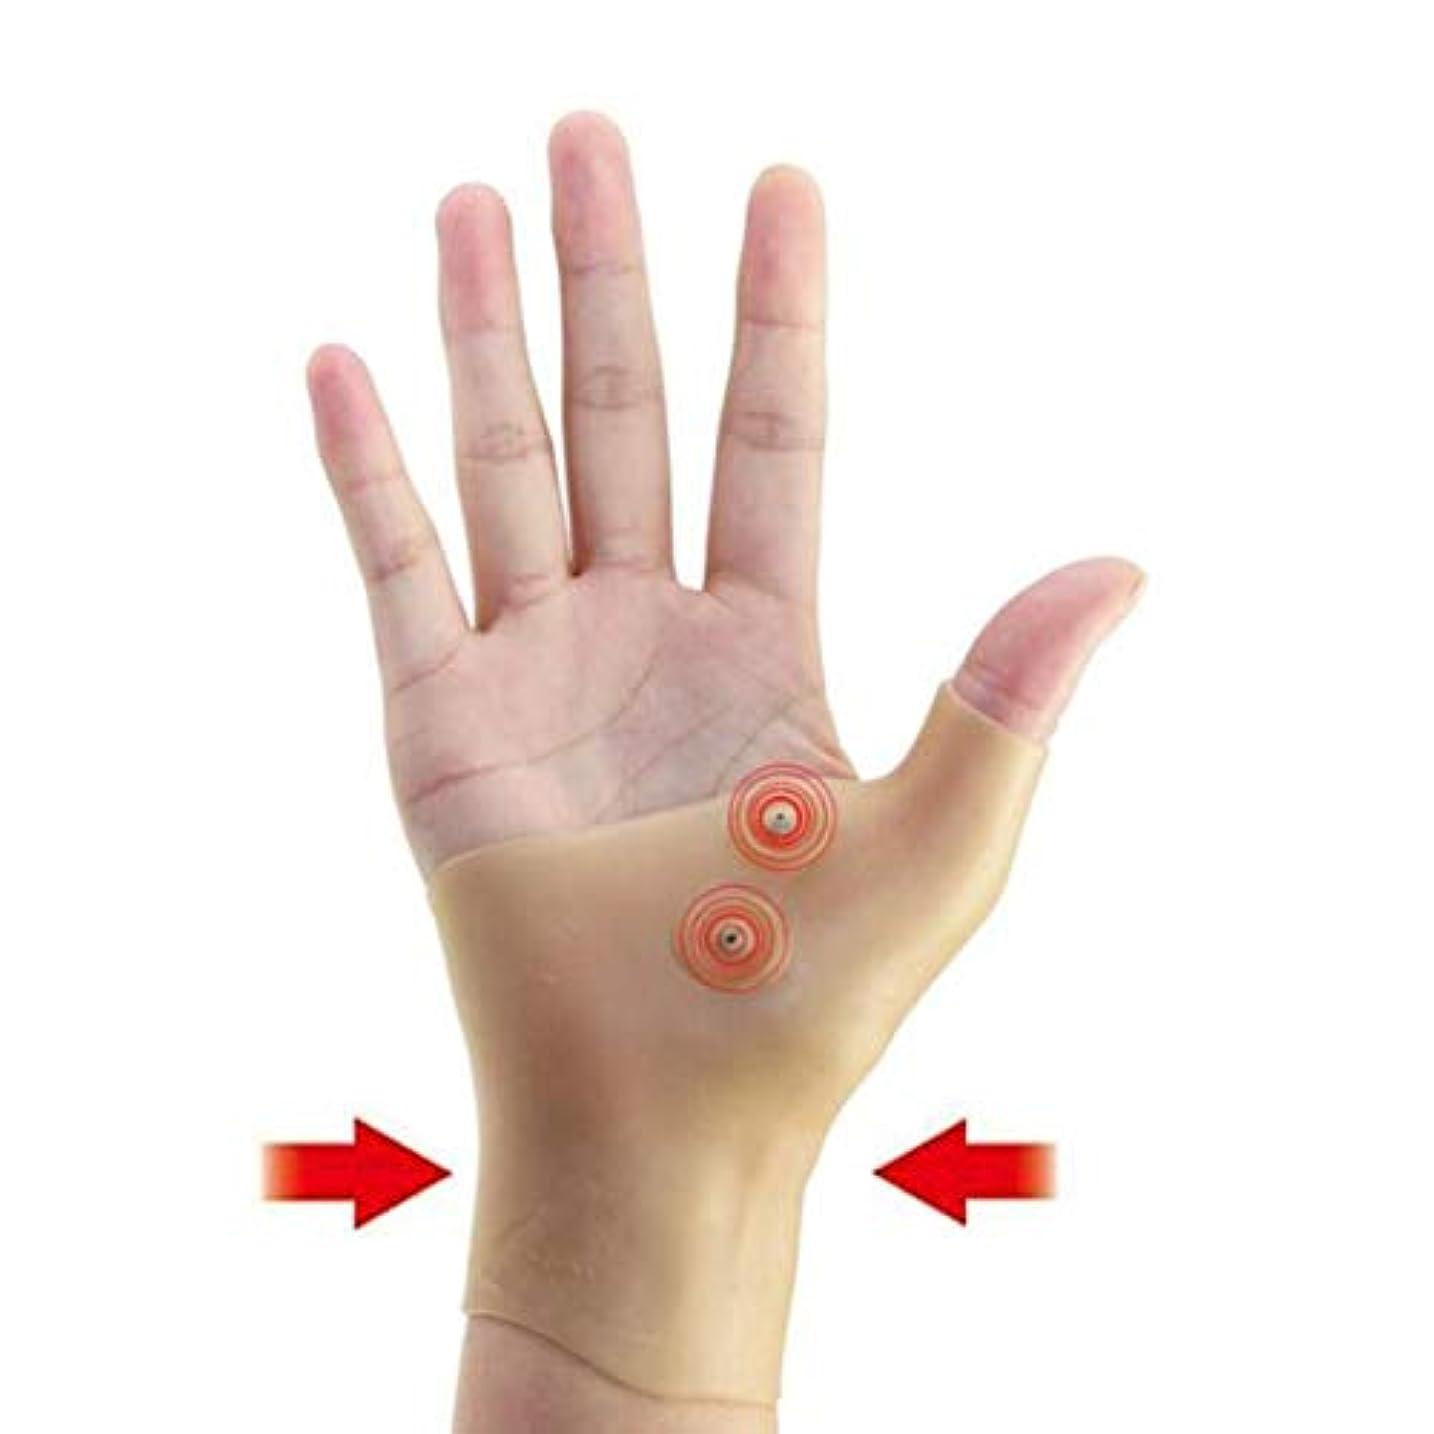 円形混乱した親指磁気療法手首手親指サポート手袋シリコーンゲル関節炎圧力矯正器マッサージ痛み緩和手袋 - 肌の色